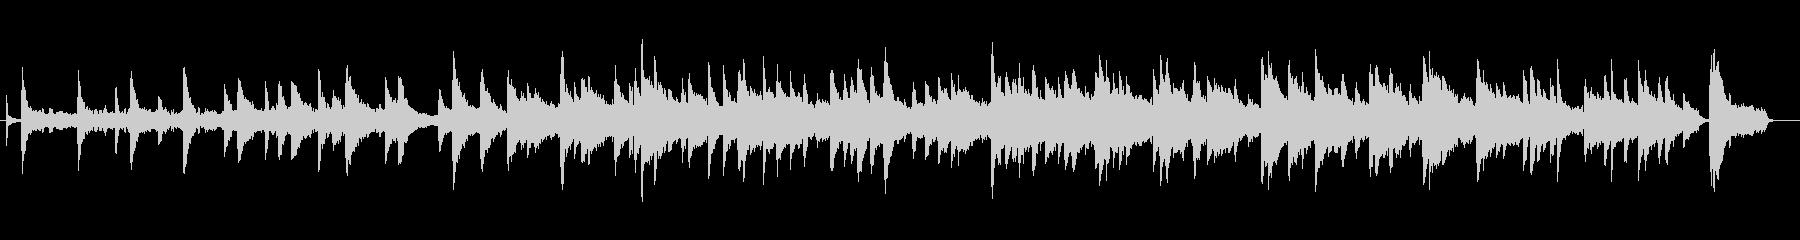 ピアノと少年合唱団によるバラードBGMの未再生の波形